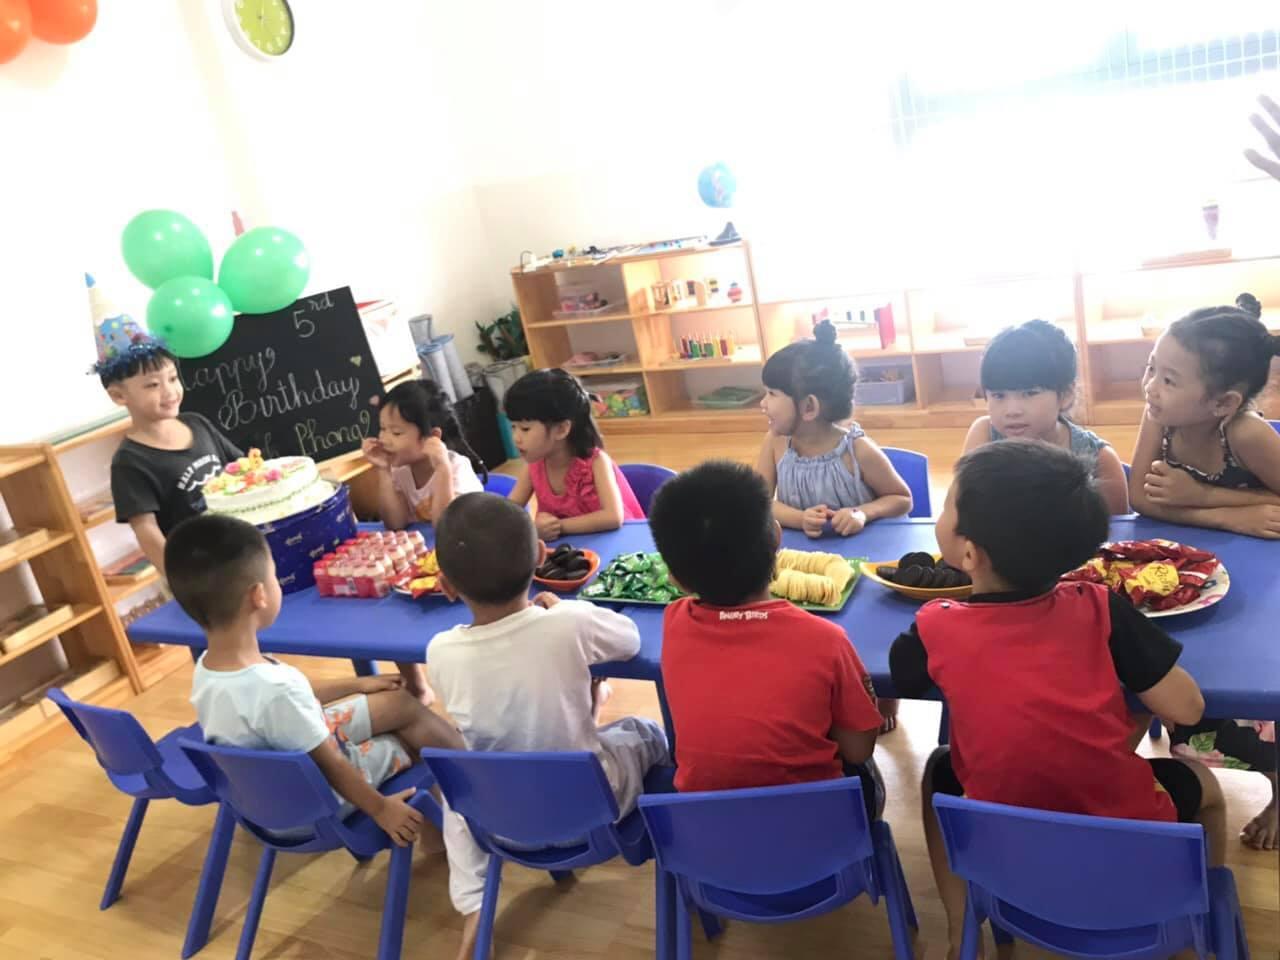 Trường mầm non Hạnh Phúc ( Happy kids Pre-school) - Nguyễn Oanh